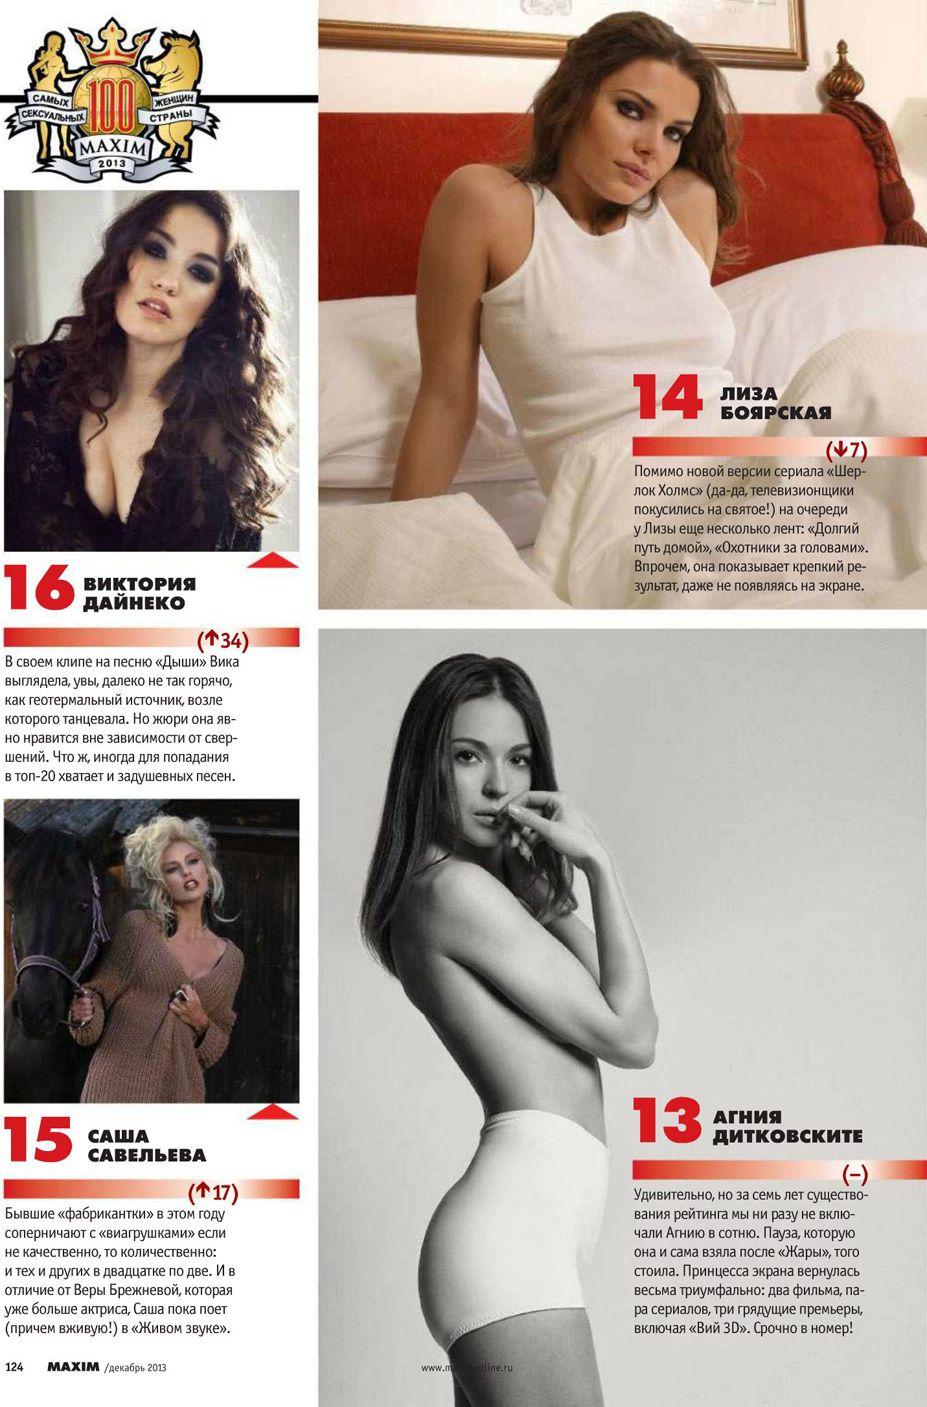 Самая красивая девушка по версии журнала максим 12 фотография